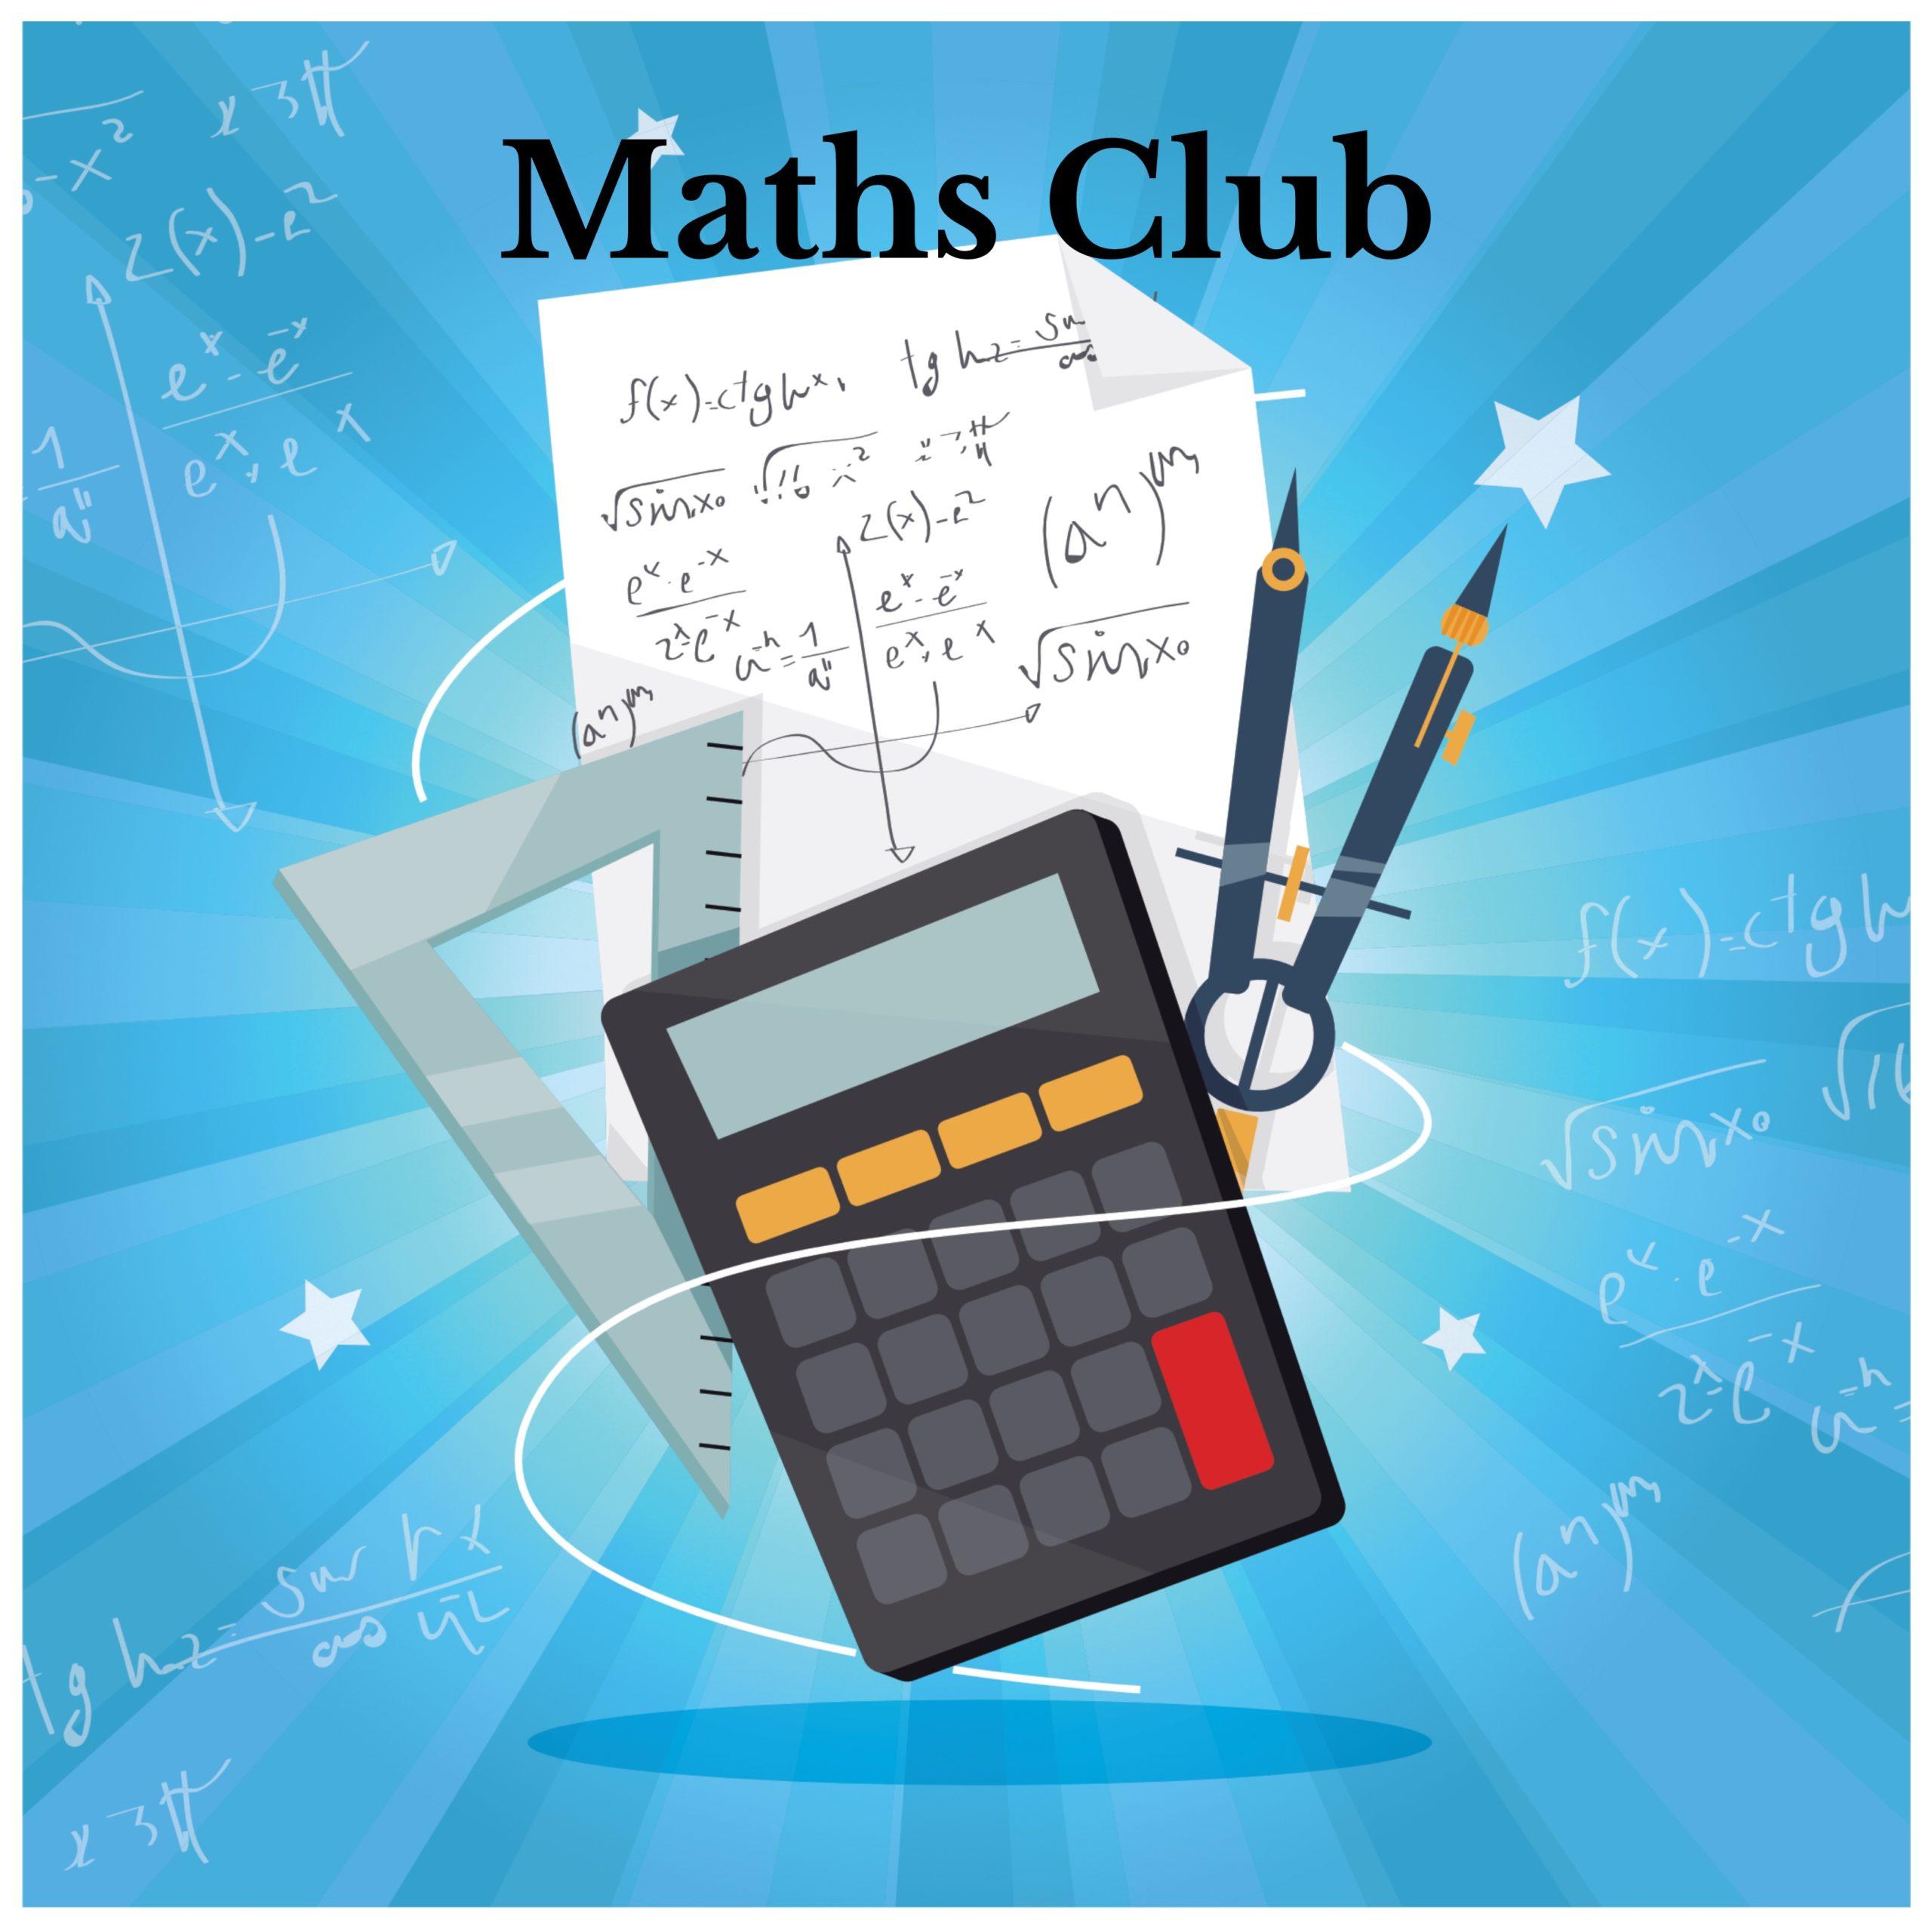 Maths club